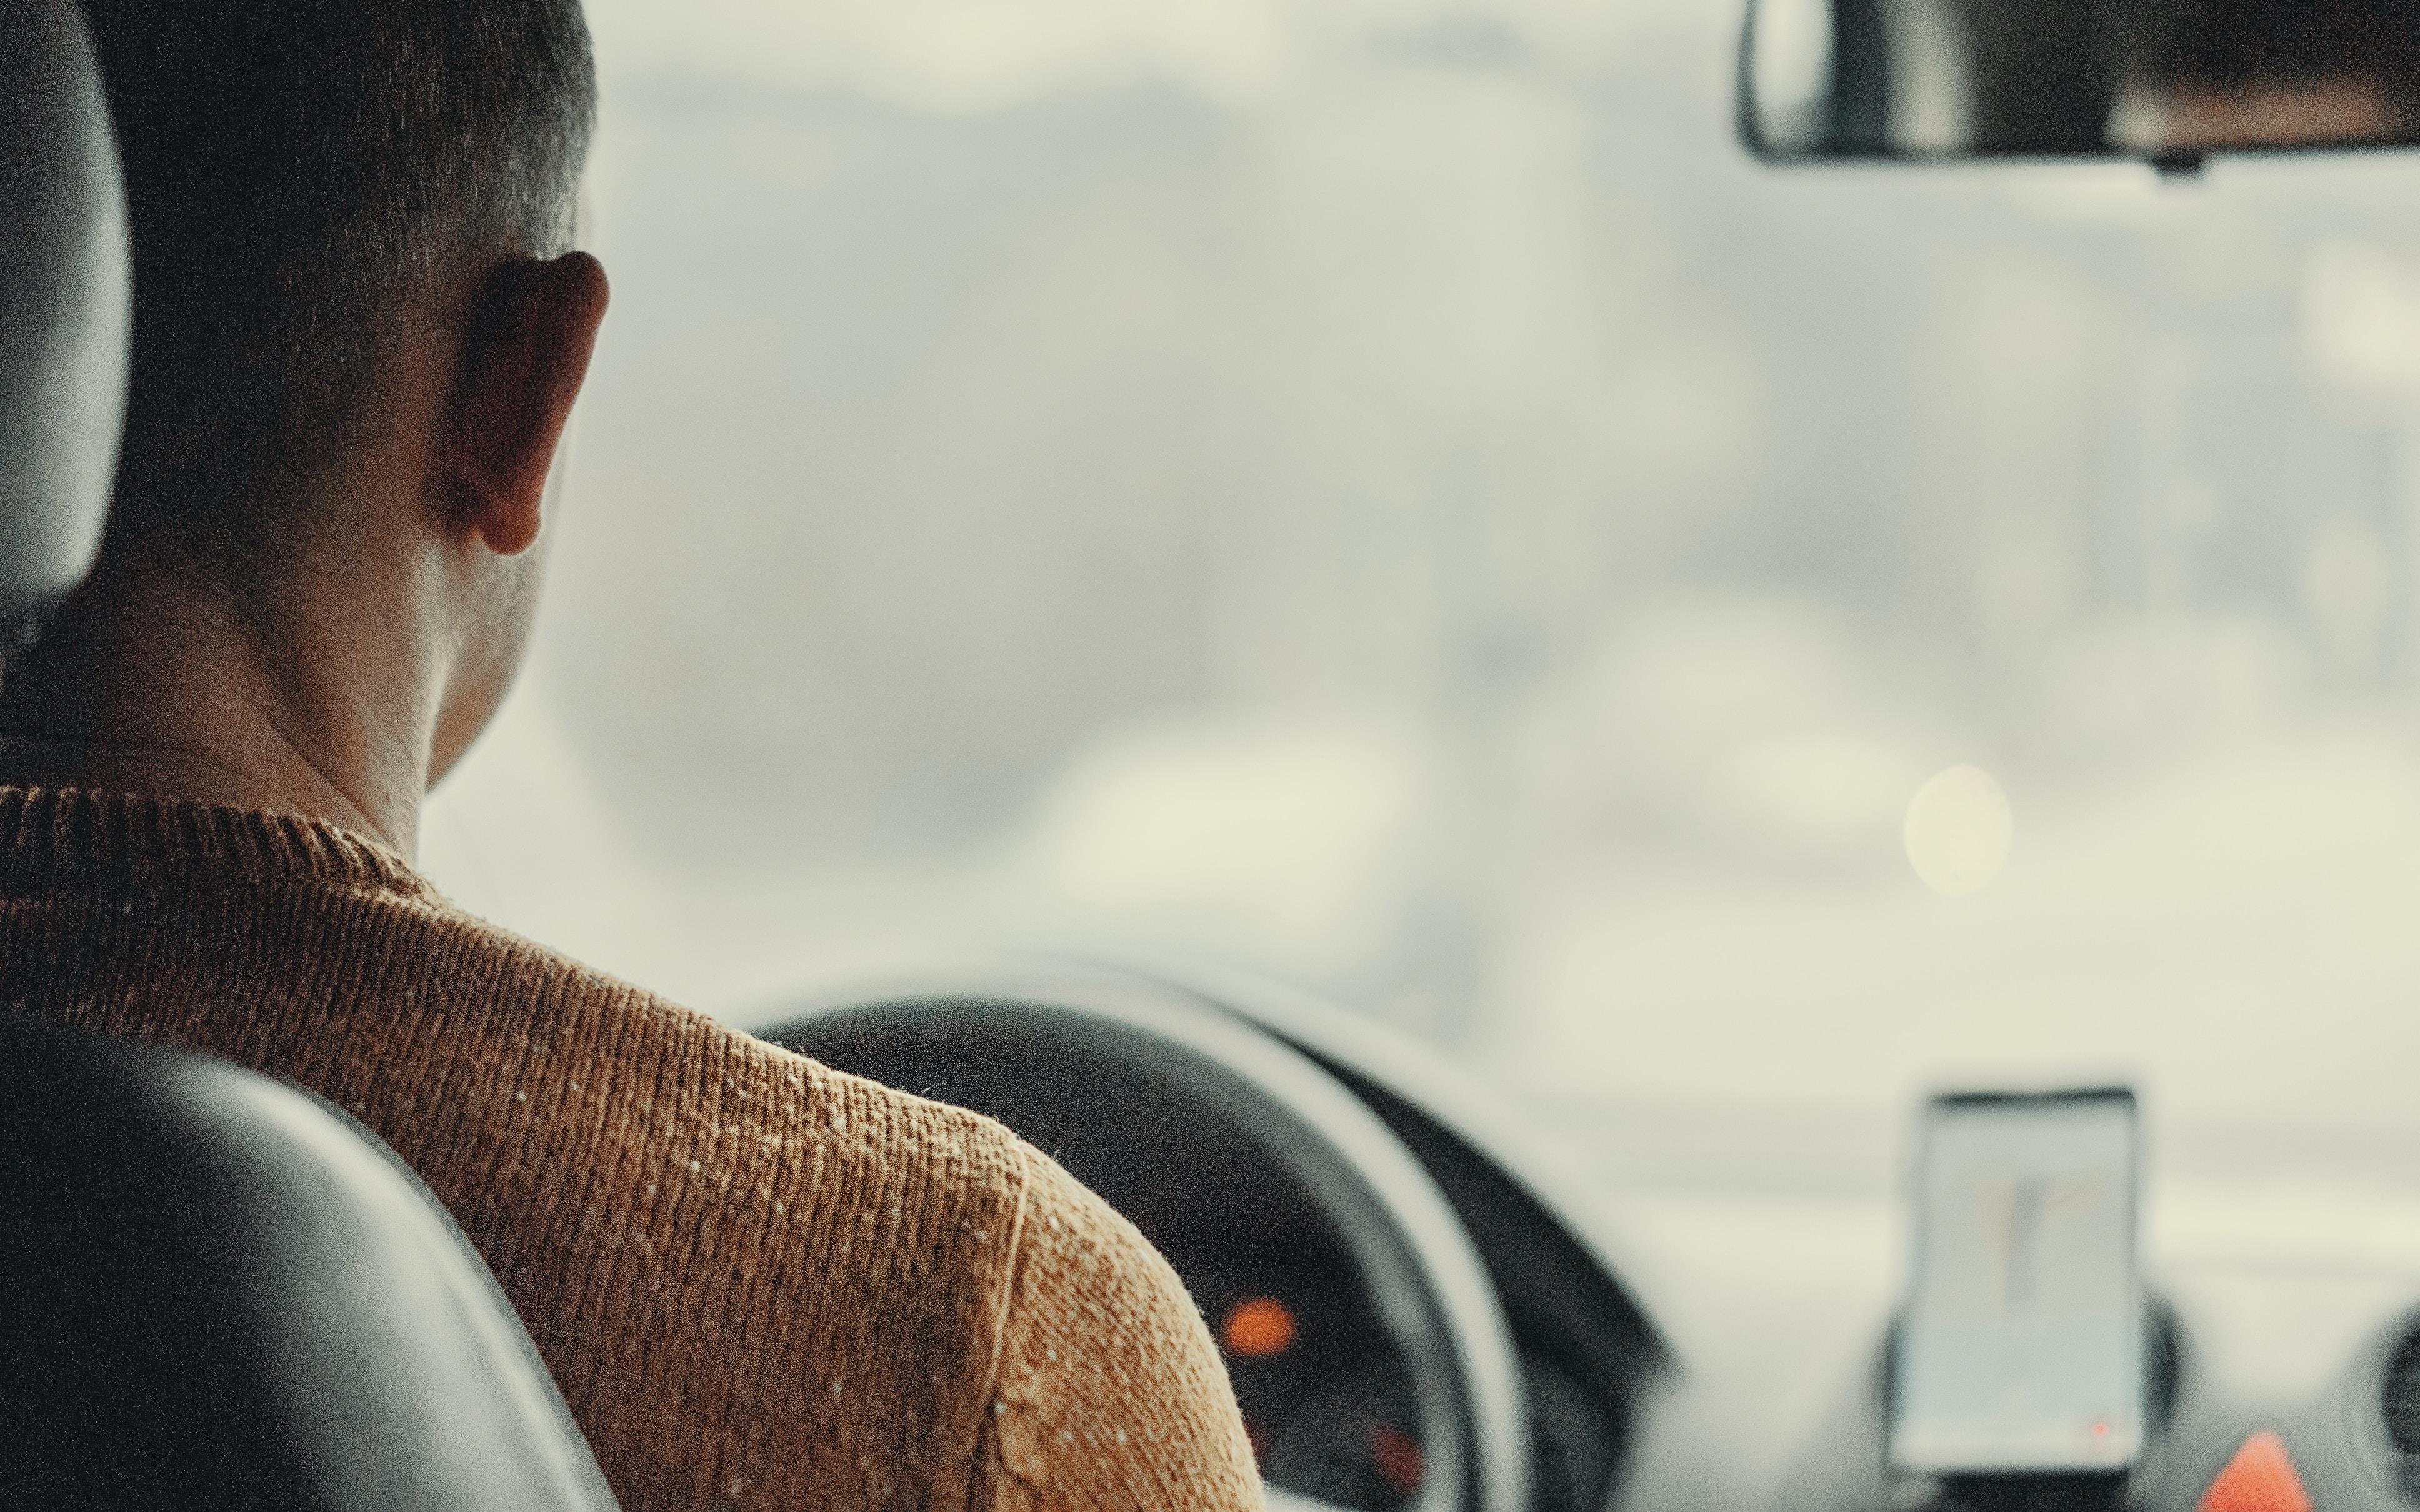 Uber riesce ad identificare i telefoni anche dopo che l'app è stata disinstallata